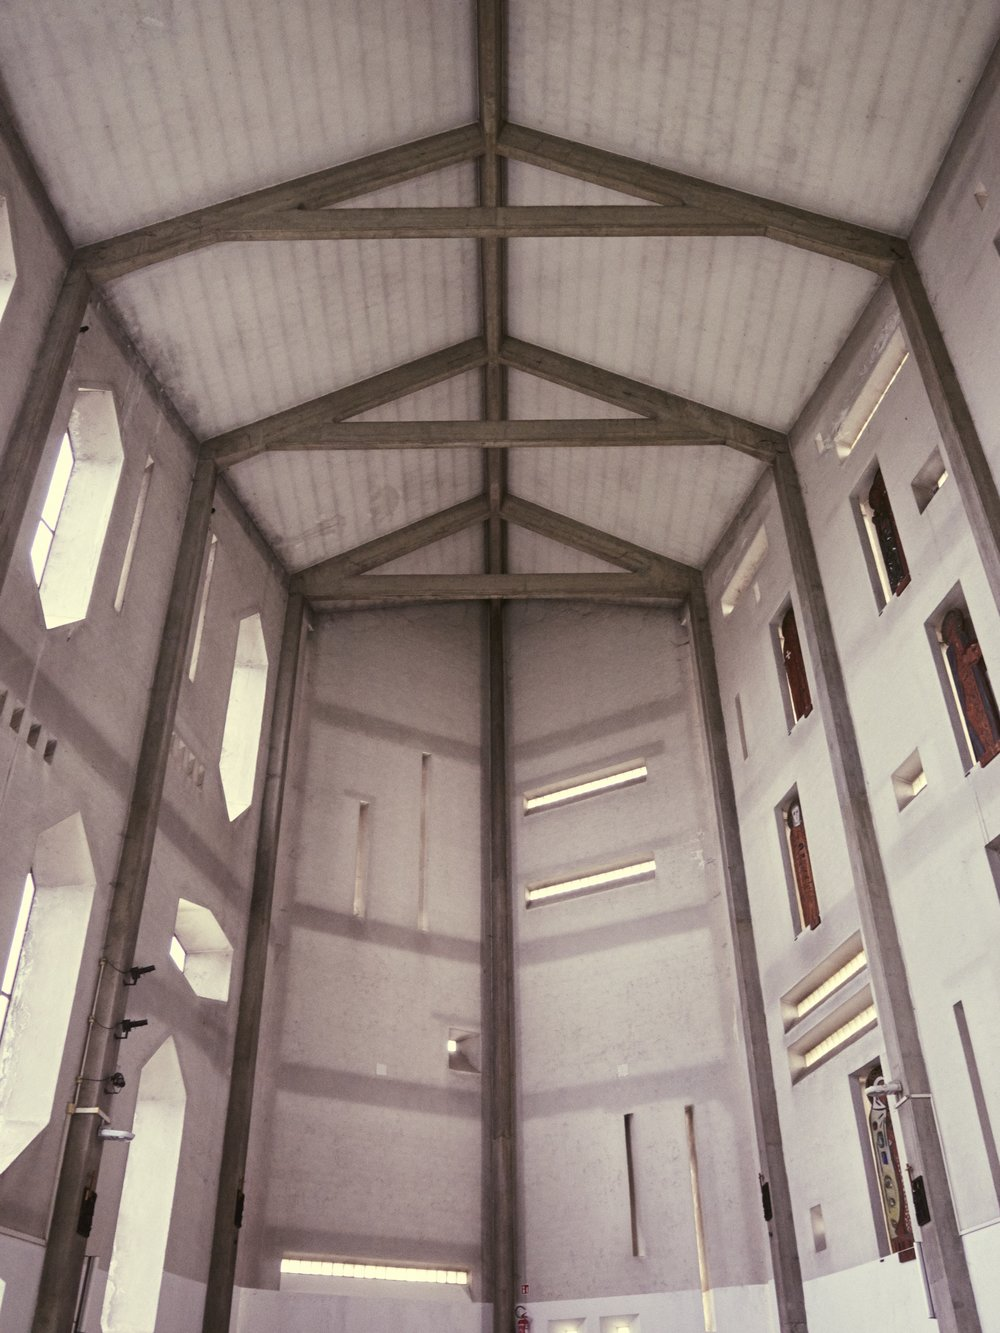 Milano Chiesa di Santa Maria Annunciata presso Ospedale San Carlo 1964-66 Architetto Gio Ponti (1).jpg